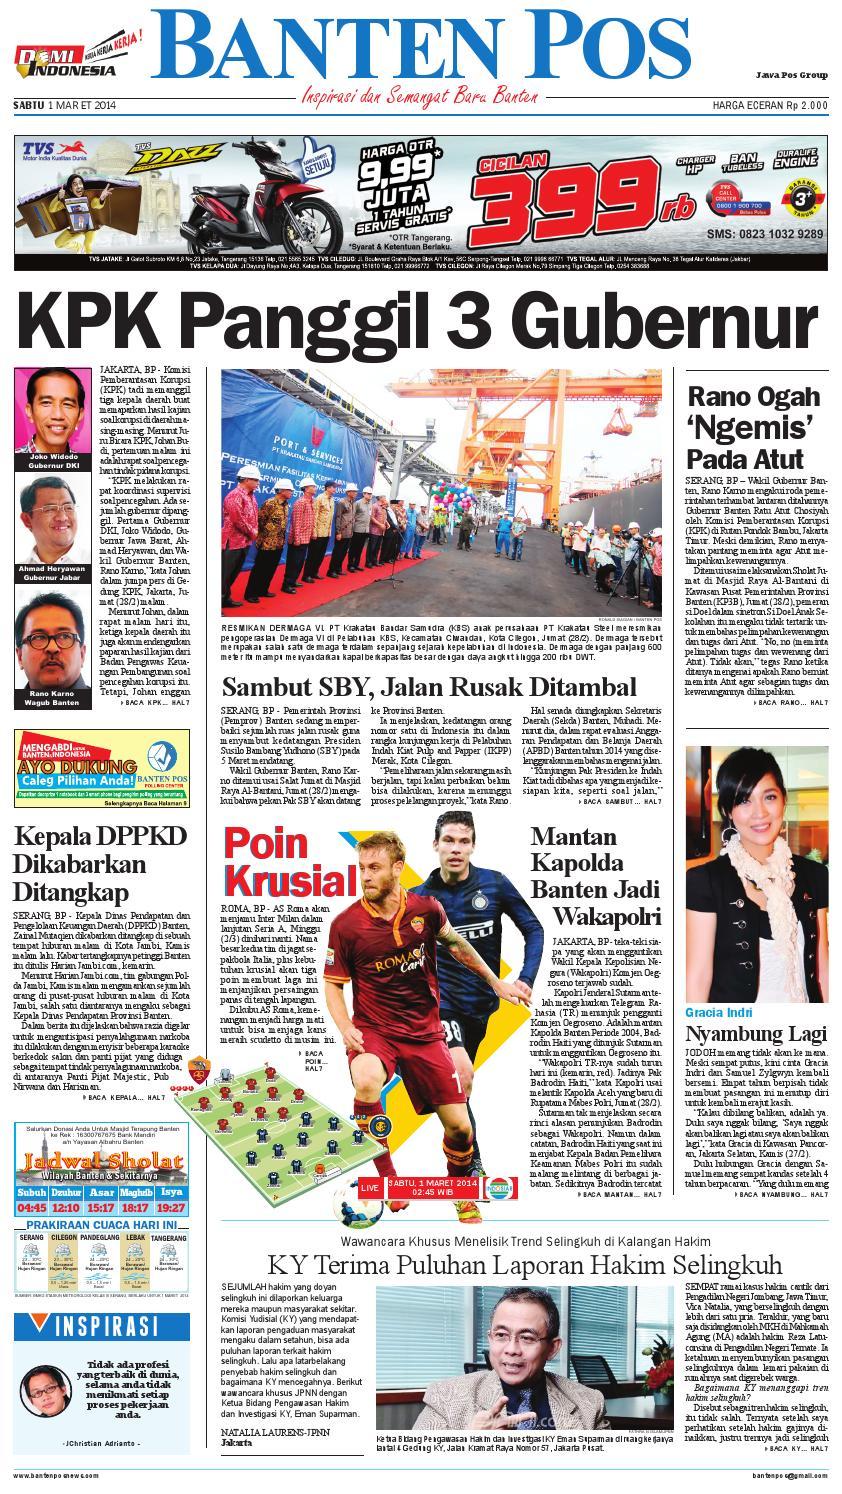 Bantenpos Edisi Sabtu 1 Maret 2014 By Banten Pos News Issuu Produk Ukm Bumn Baju Muslim Anak Laki Dannis Nomor 10 Abu